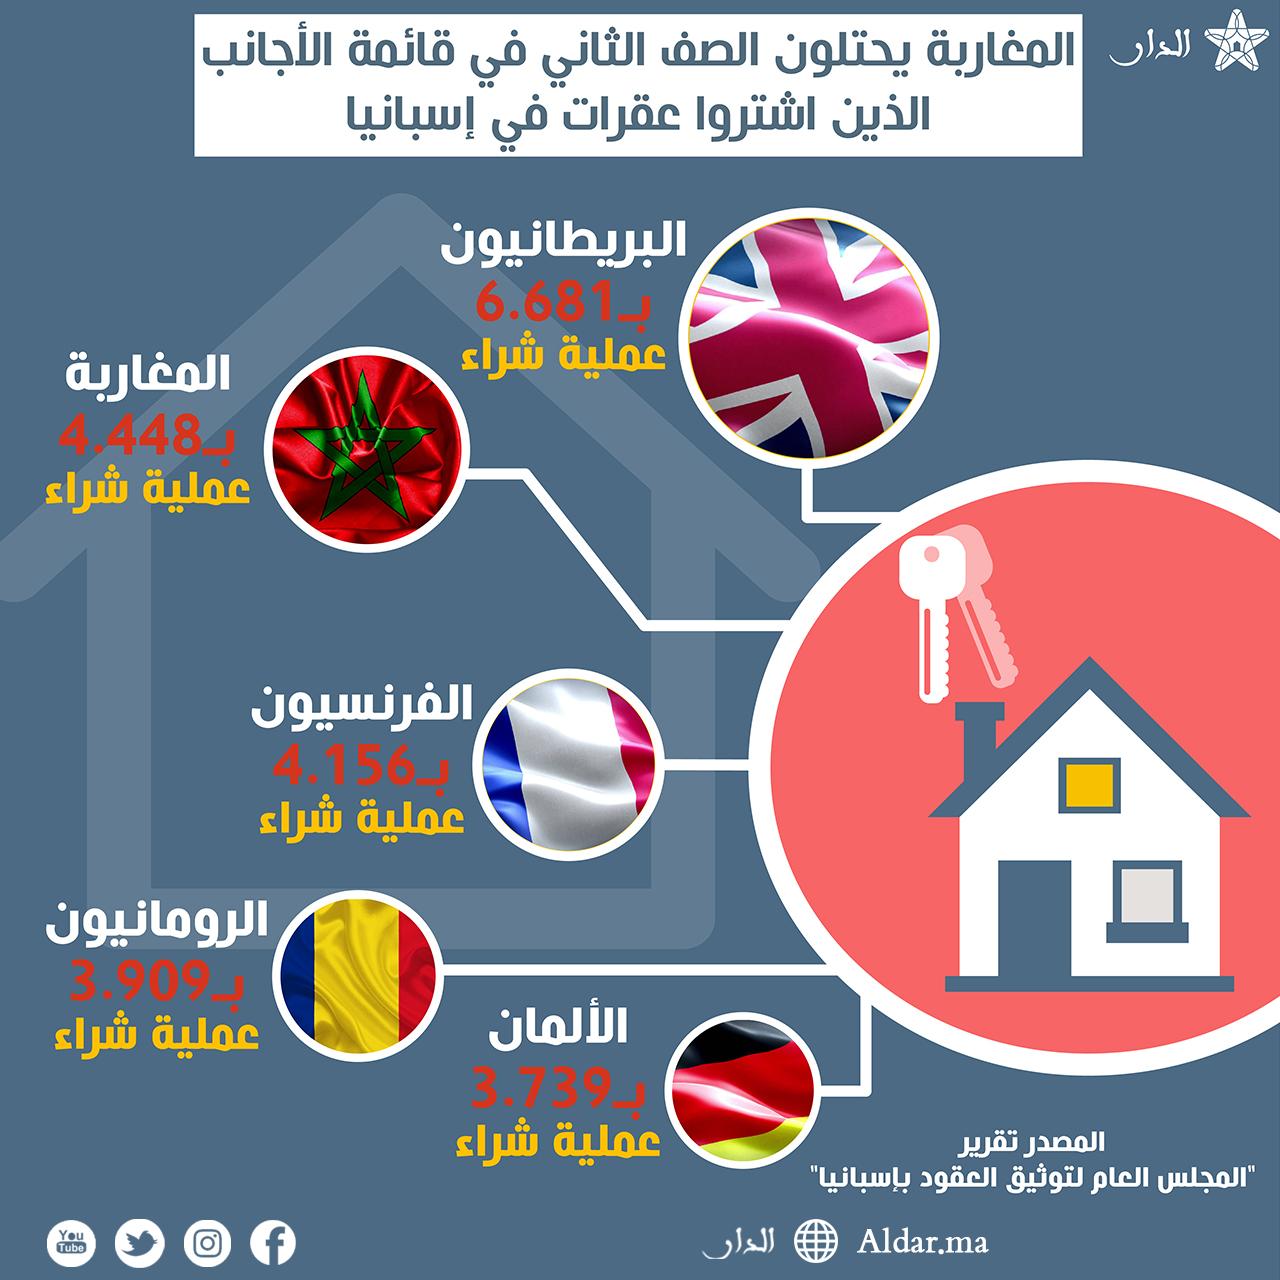 Photo of المغاربة يحتلون الصف الثاني في قائمة الأجانب الذين اشتروا عقارات في إسبانيا